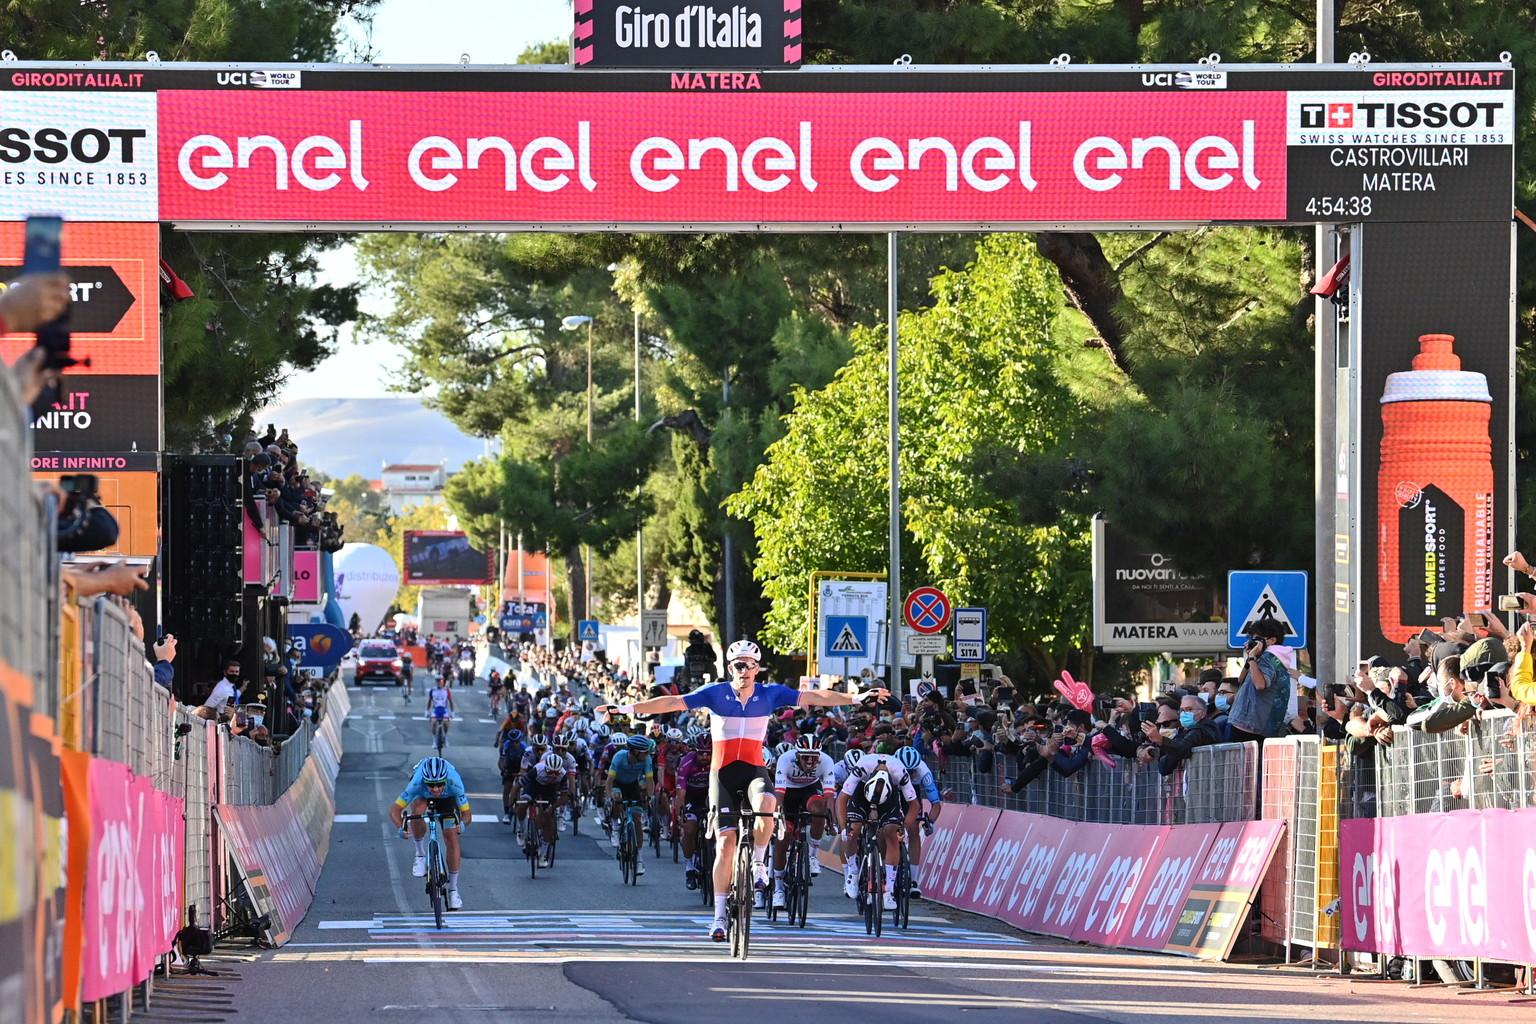 Arnaud <strong>D&eacute;mare</strong>&nbsp;si aggiudica la sesta tappa del&nbsp;Giro d&rsquo;Italia 2020, la sua seconda in questa edizione. Il francese del team Groupama-FDJ taglia per primo il traguardo della frazione da&nbsp;Castrovillari a <strong>Matera</strong> (188 km).<br /><br />